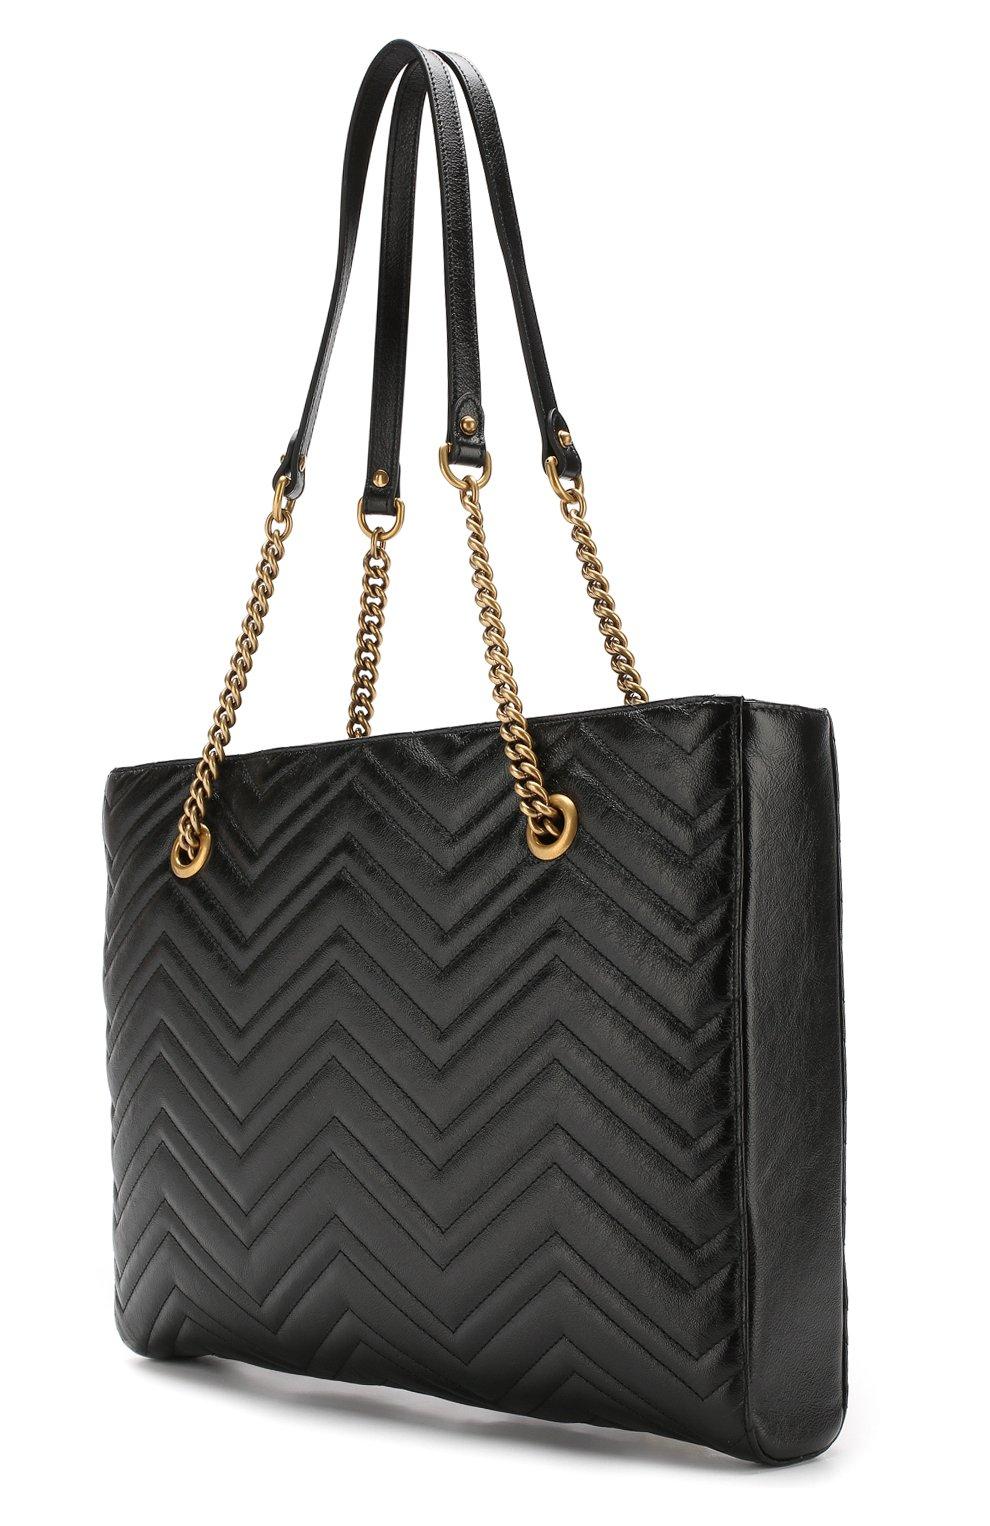 Сумка-тоут GG Marmont  Gucci черная цвета   Фото №3